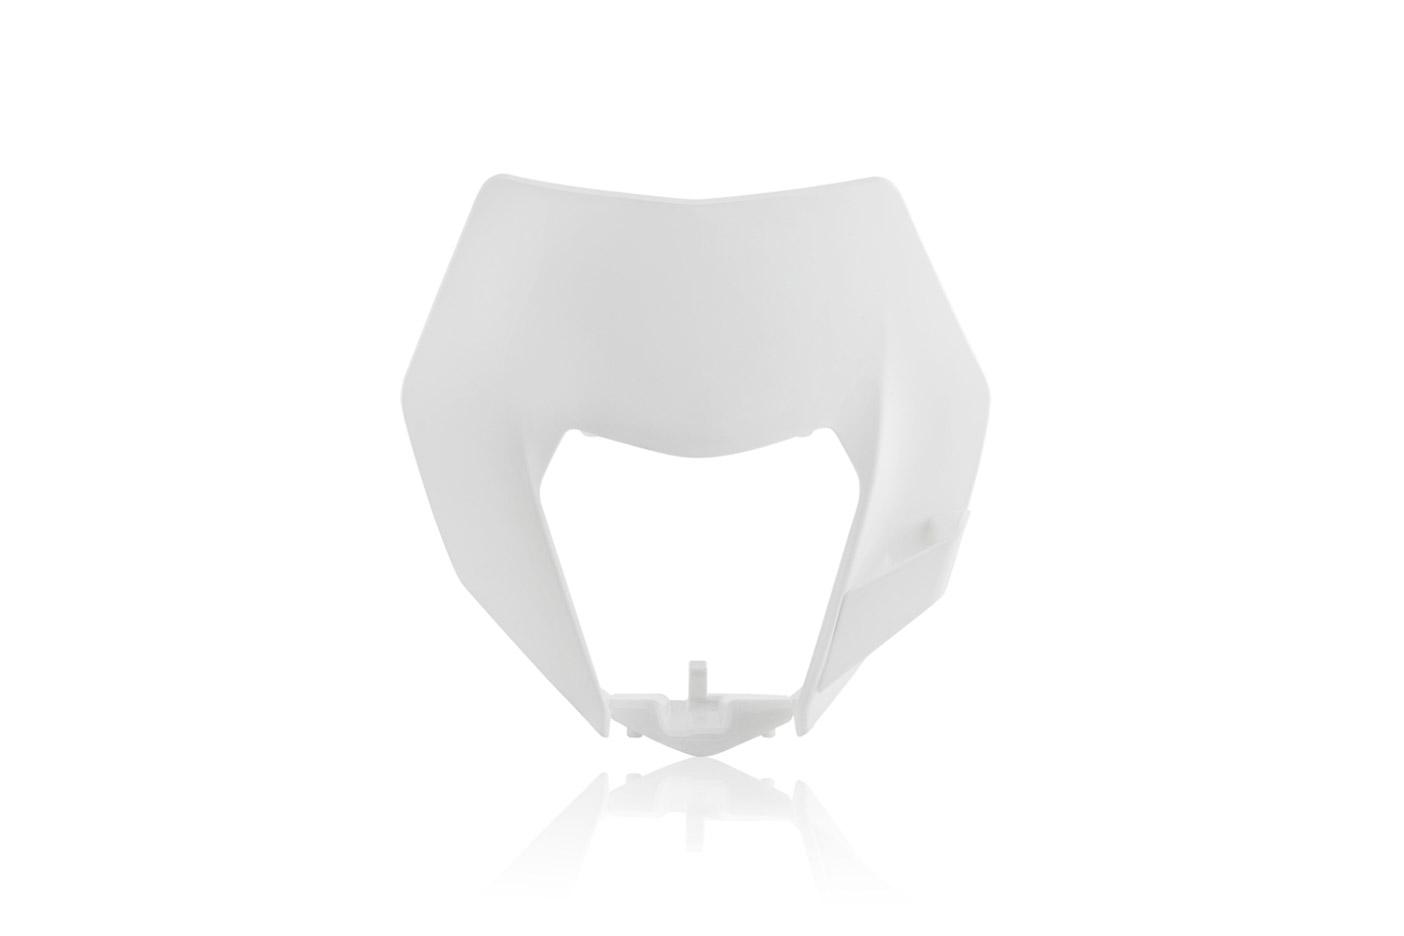 Lampenmaske für deine KTM EXC / EXCF in weiss